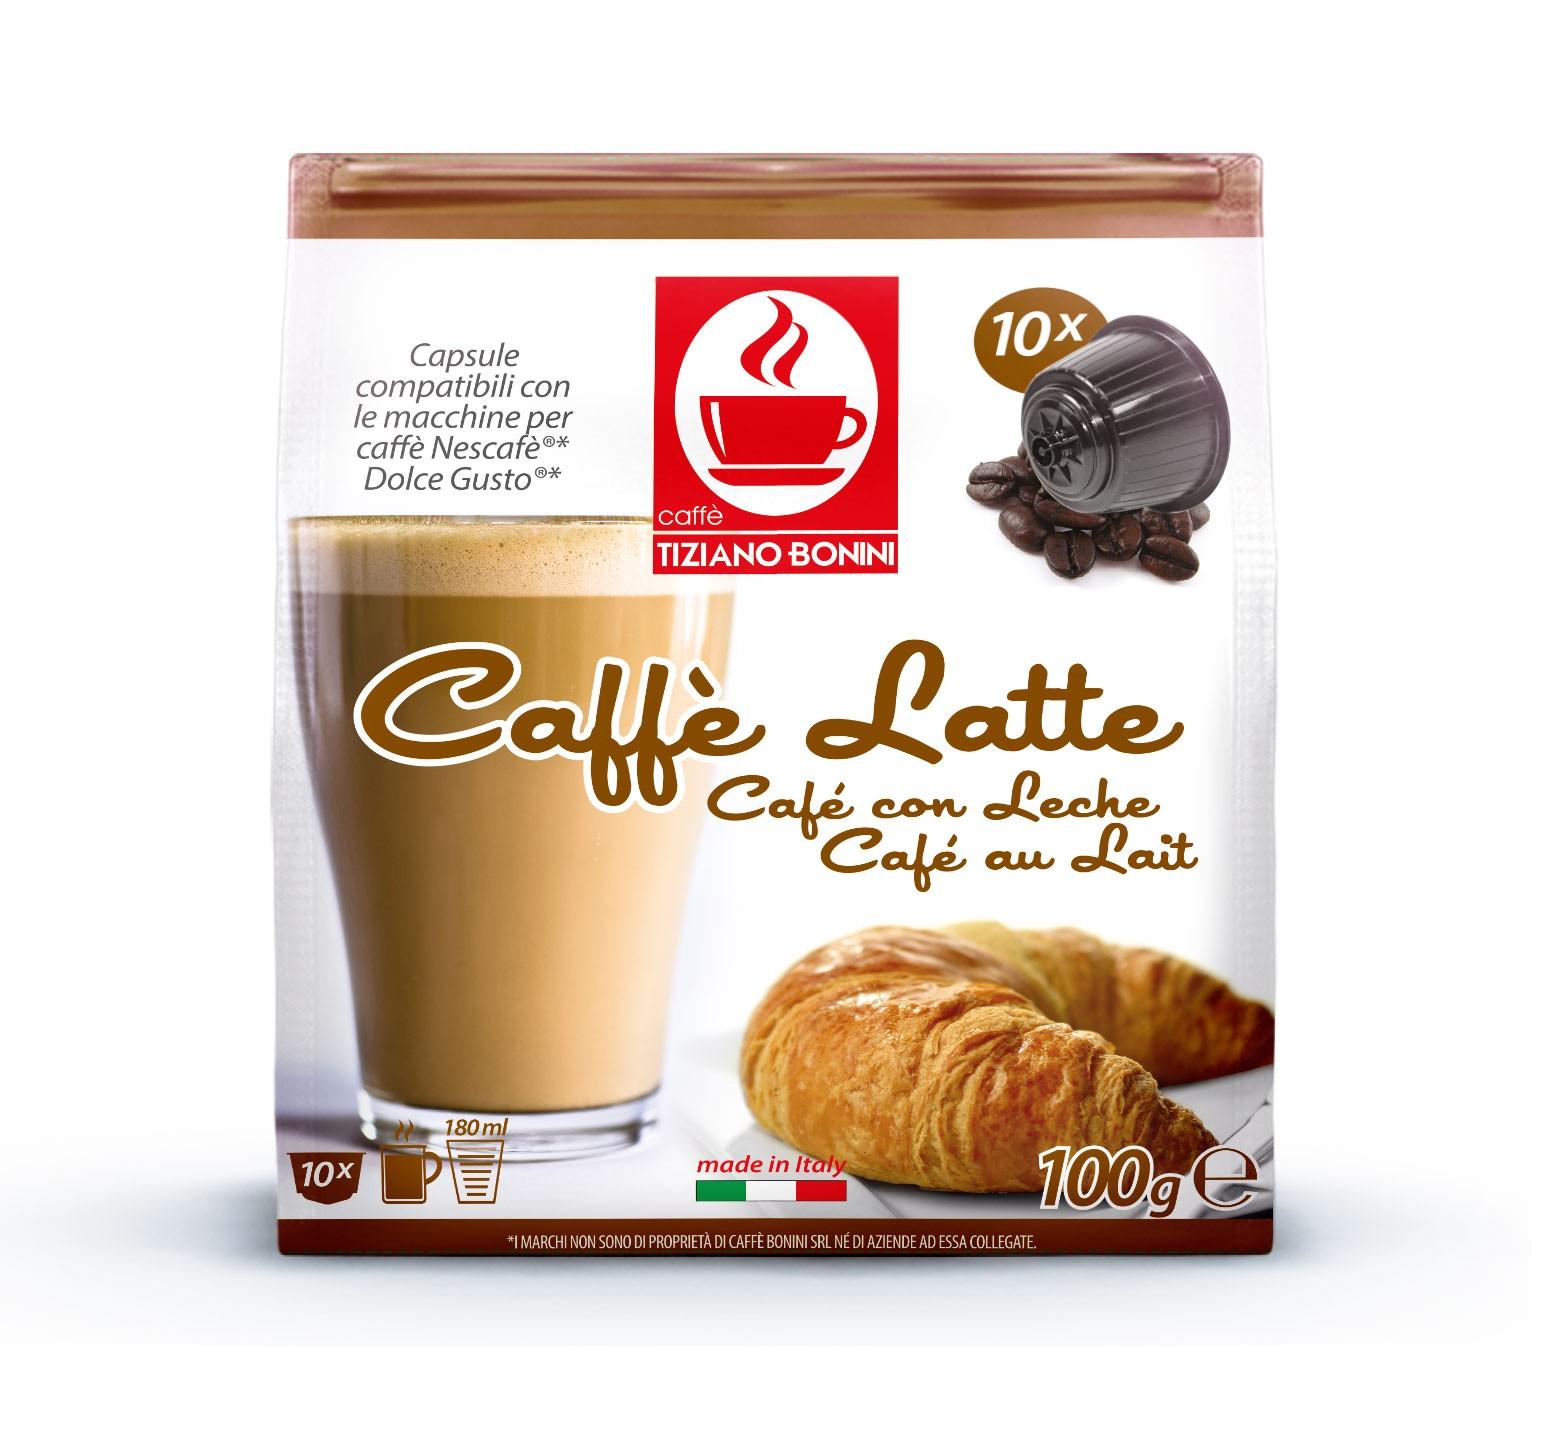 10 קפסולות קפה בוניני CAFFE LATTE תואם דולצ'ה גוסטו